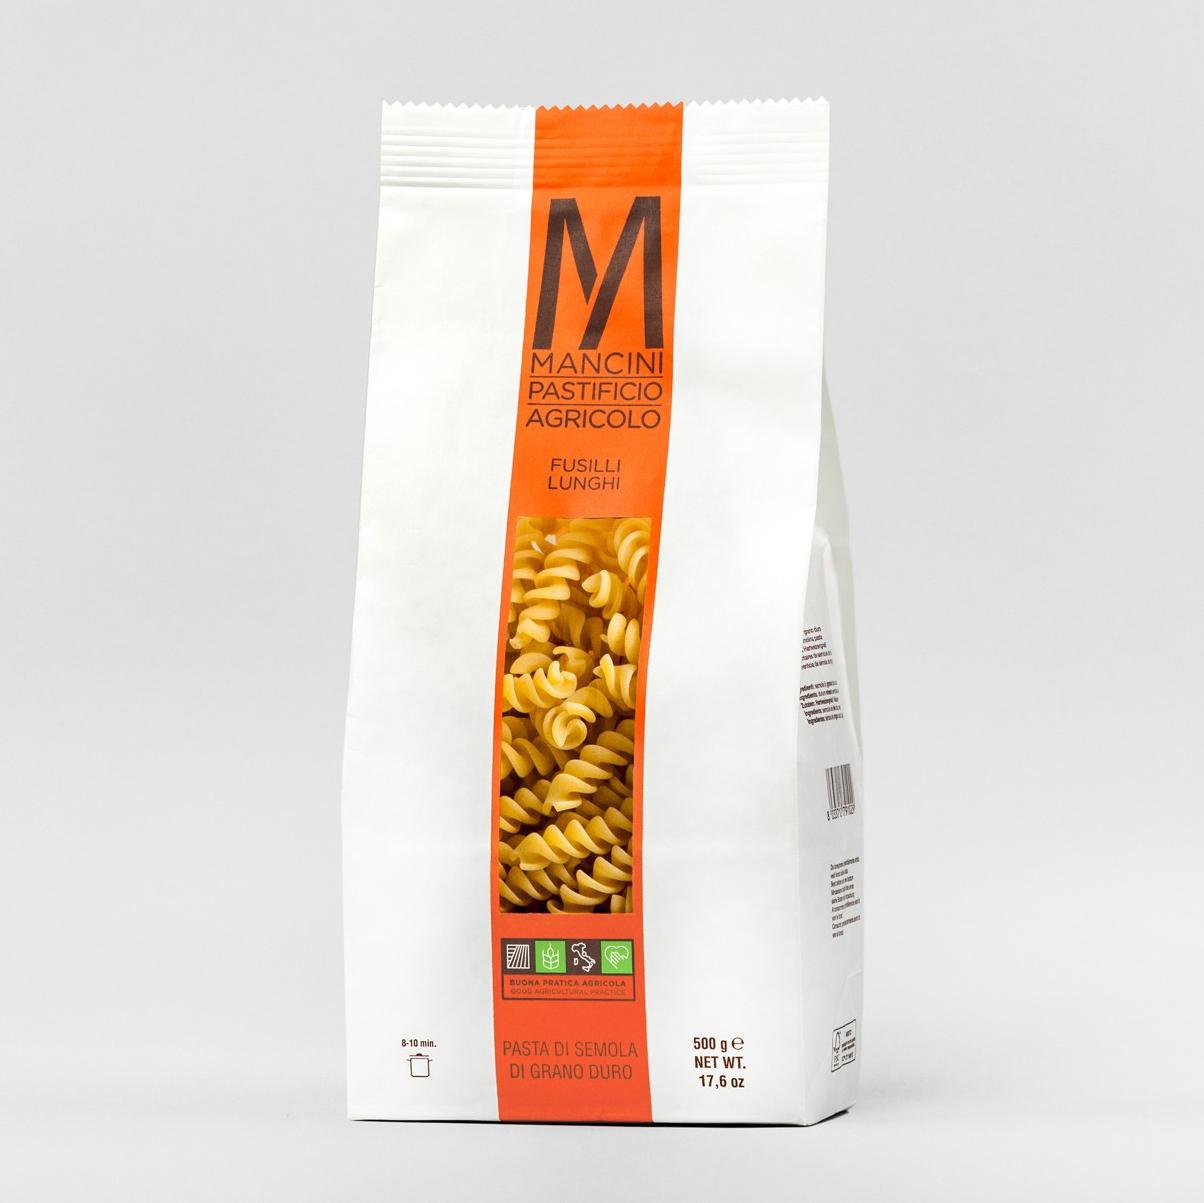 Pasta Fusili lunghi von Mancini